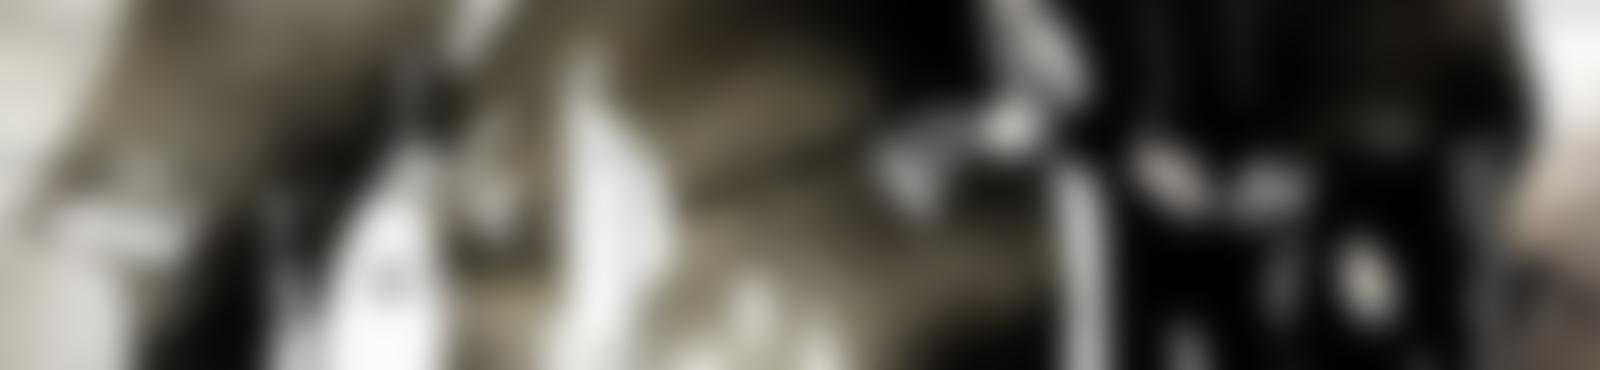 Blurred c421b4db 0fd9 4f64 94dc e58598739636